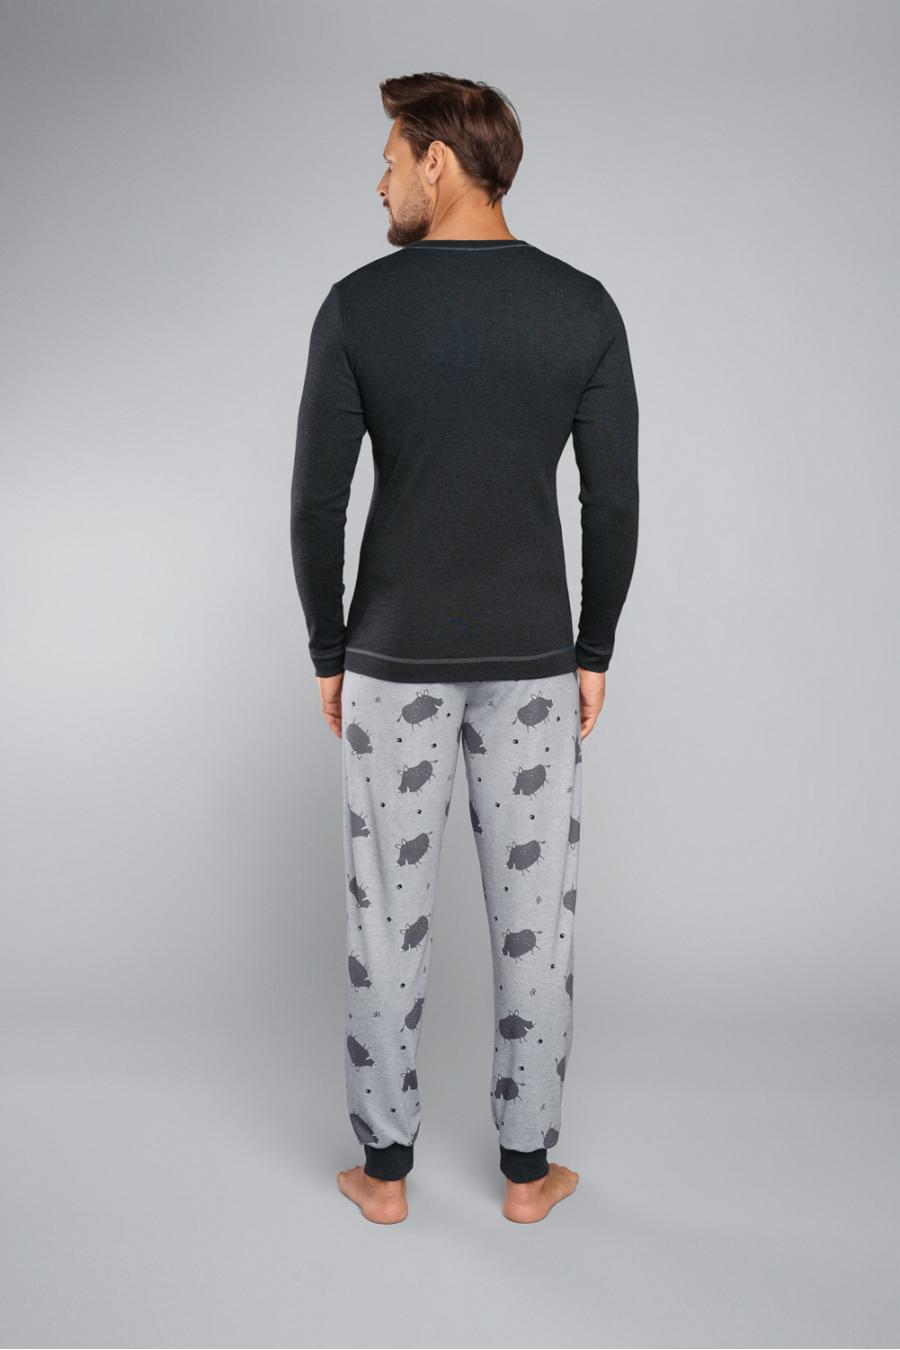 Hosszú ujjú - J.PRESS - Mintás férfi pizsama szett J.PRESS